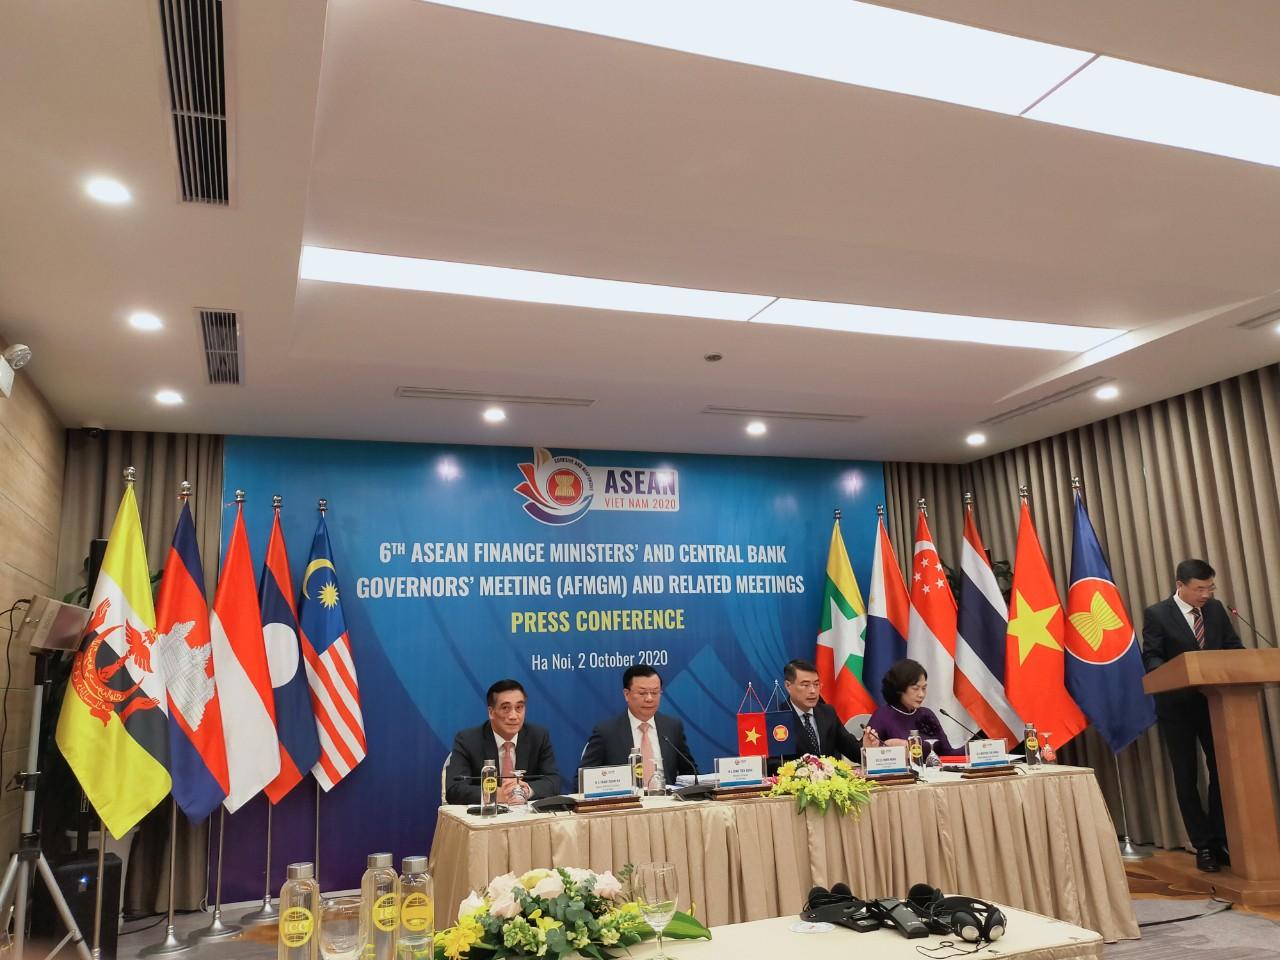 Thống đốc Lê Minh Hưng: NHNN chưa và không bao giờ sử dụng tỷ giá để tạo lợi thế cạnh tranh trong giao dịch thương mại quốc tế - Ảnh 1.